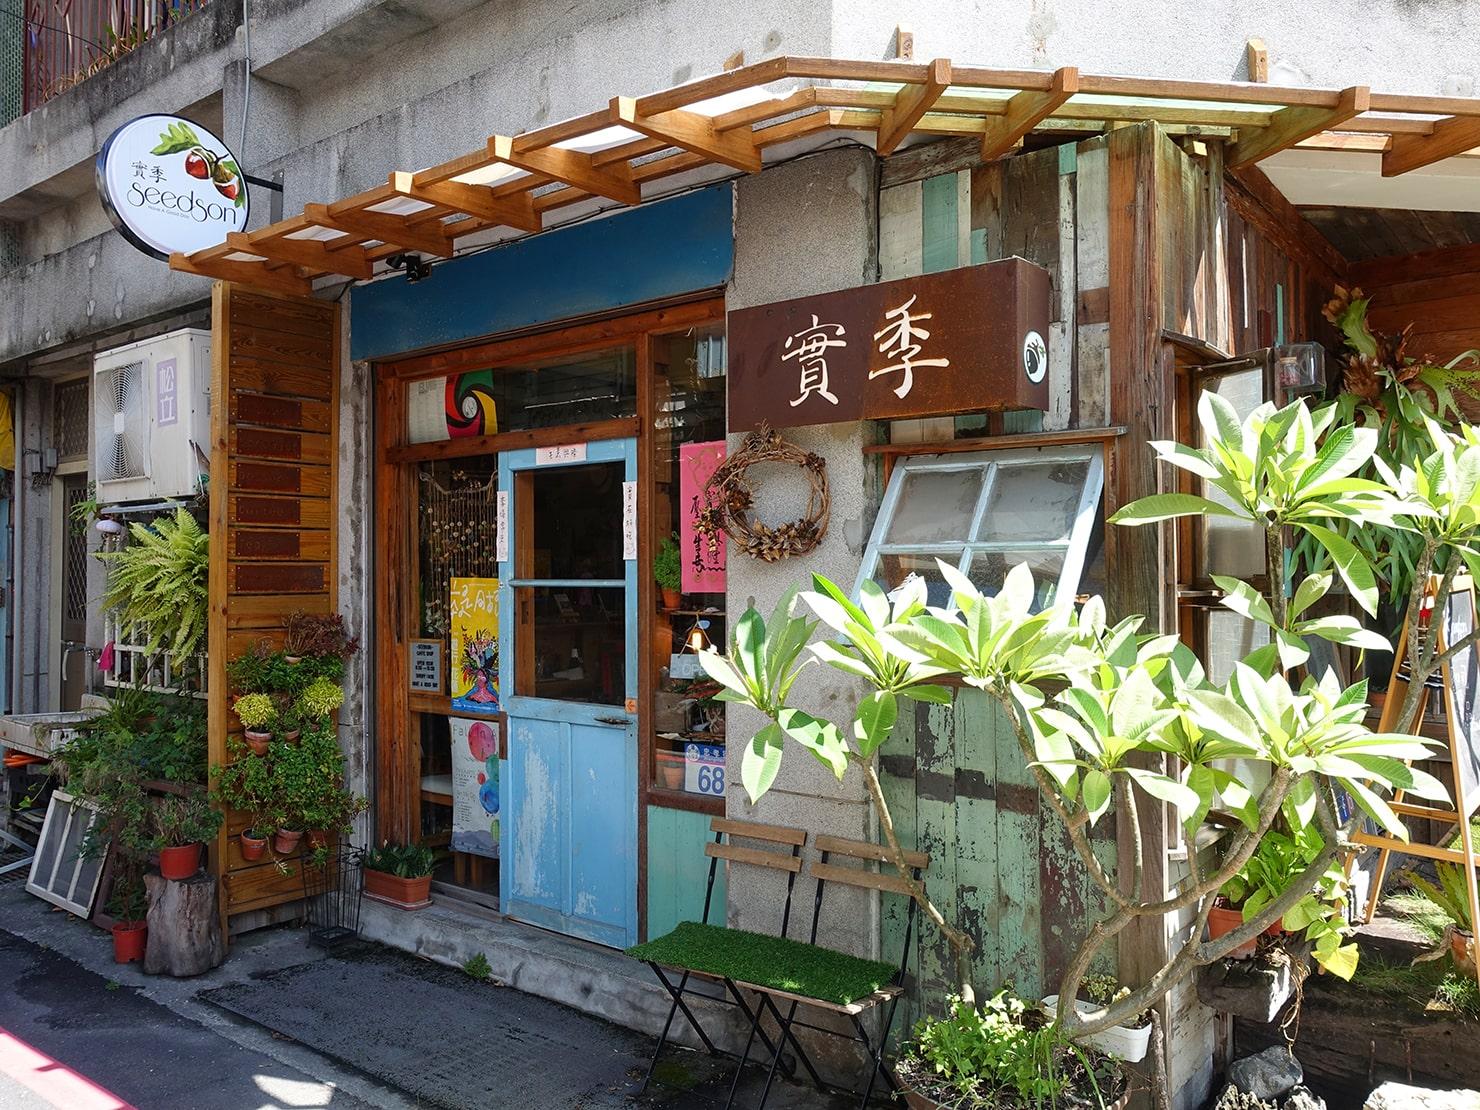 台湾・花蓮のおすすめ観光スポット「溝仔尾」のカフェ